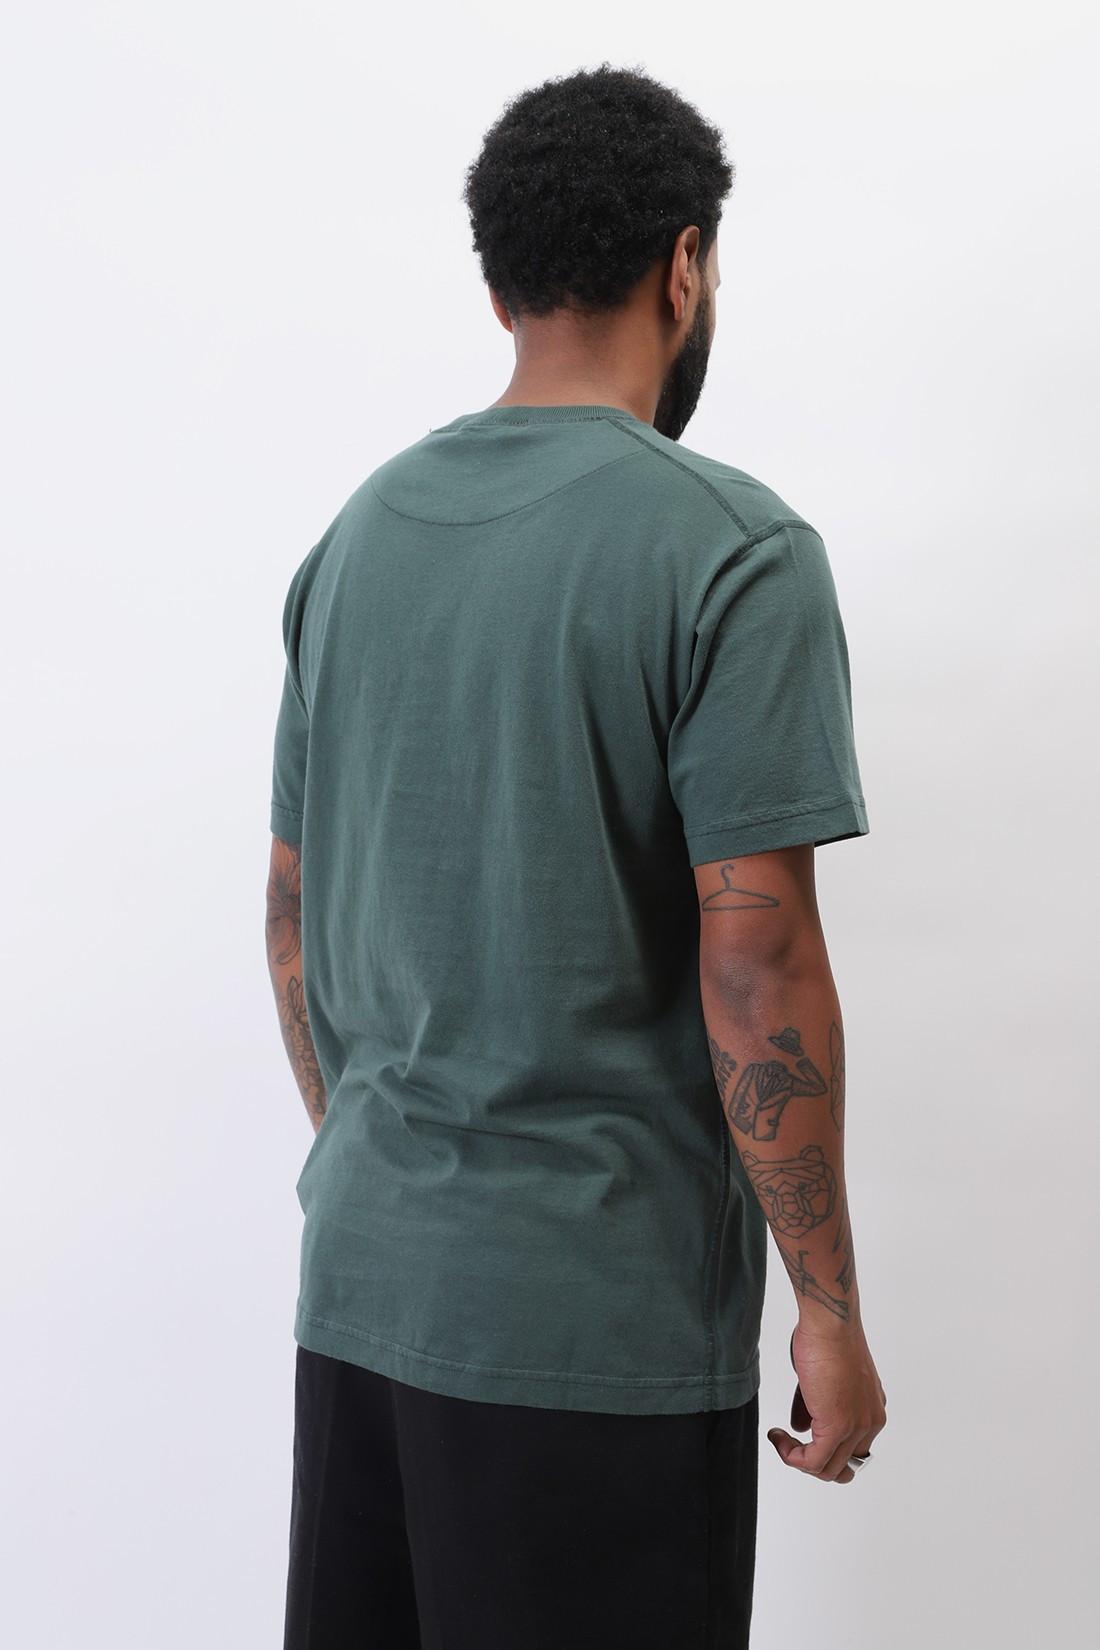 STONE ISLAND / 23757 fissato t-shirt v0057 Petrolio